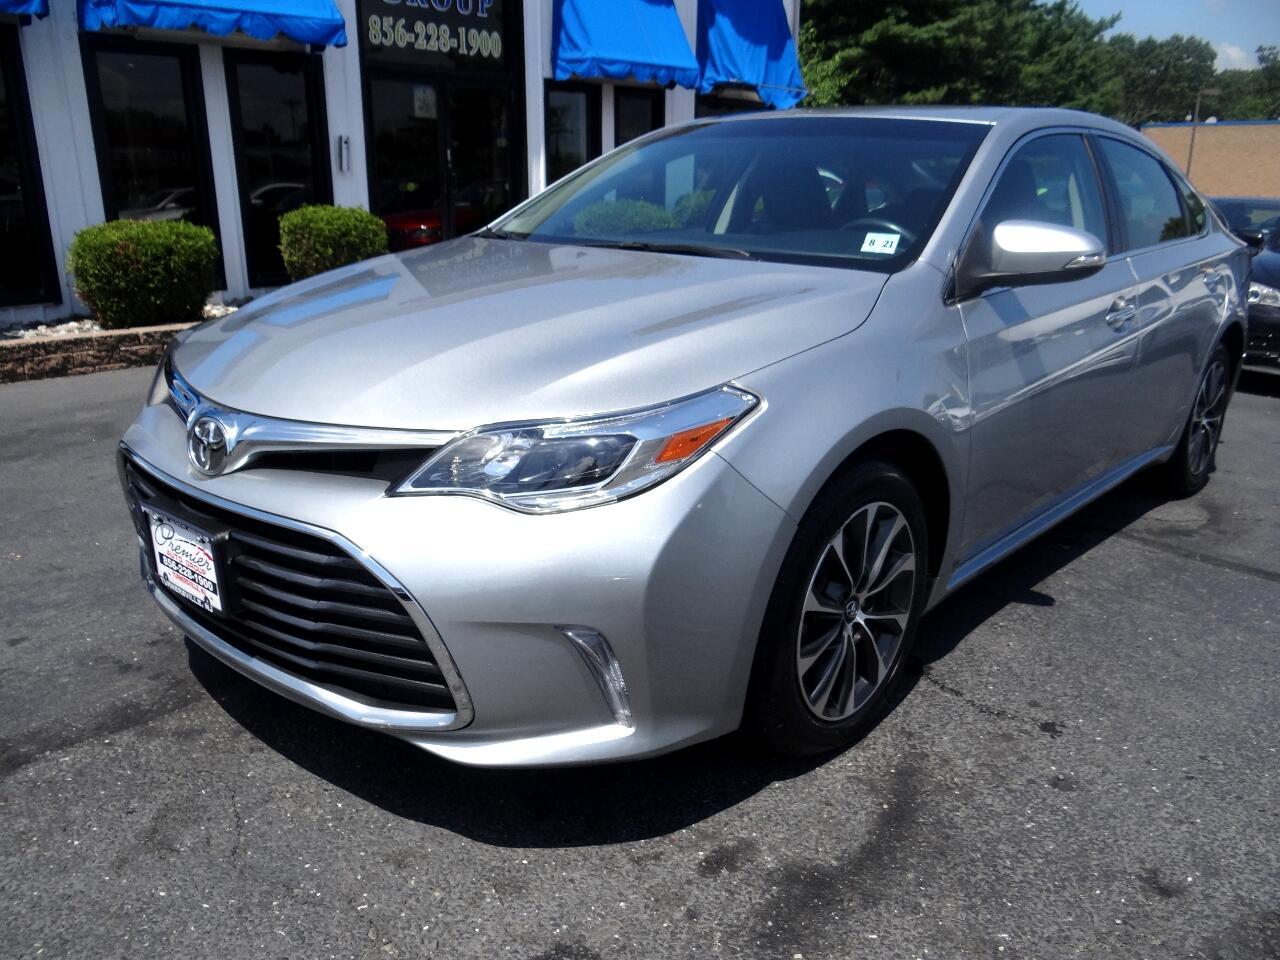 2016 Toyota Avalon 4dr Sdn XLE (Natl)